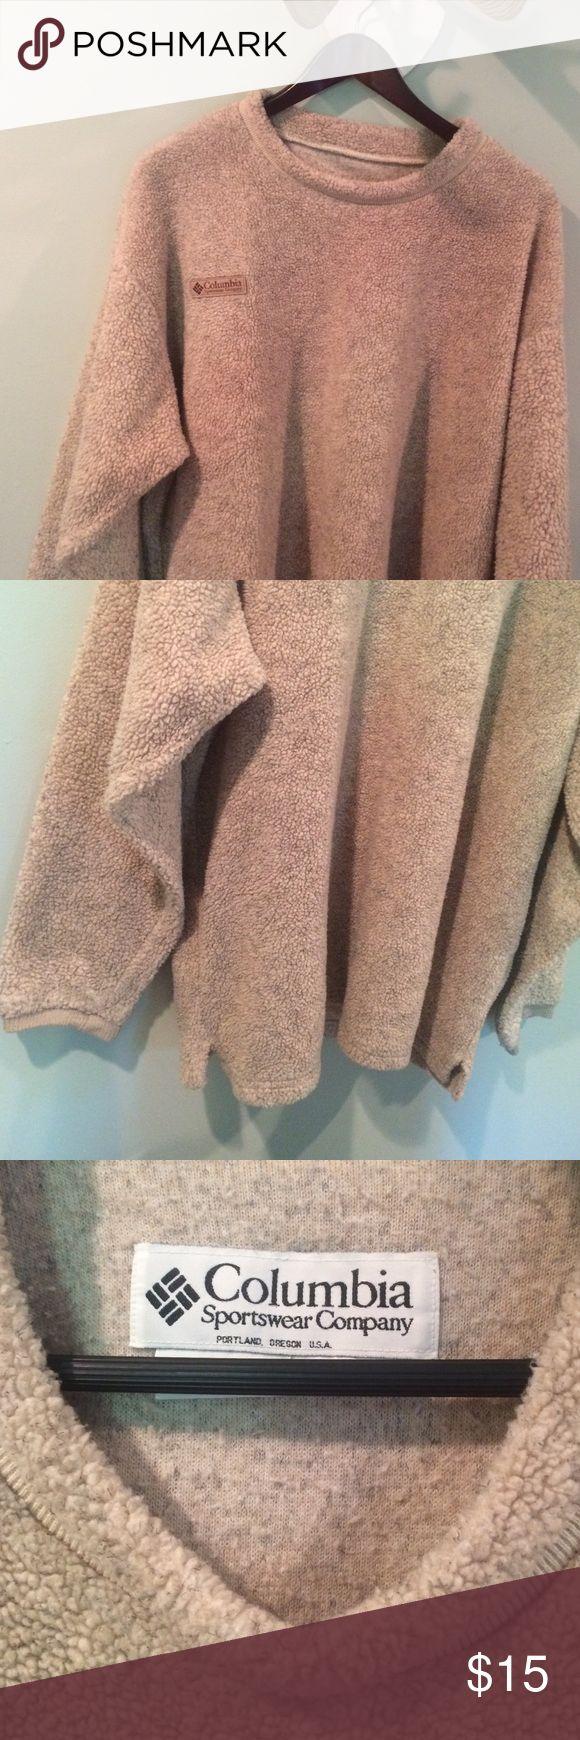 Columbia Sweatshirt Unisex. Great condition & very comfortable! Columbia Jackets & Coats